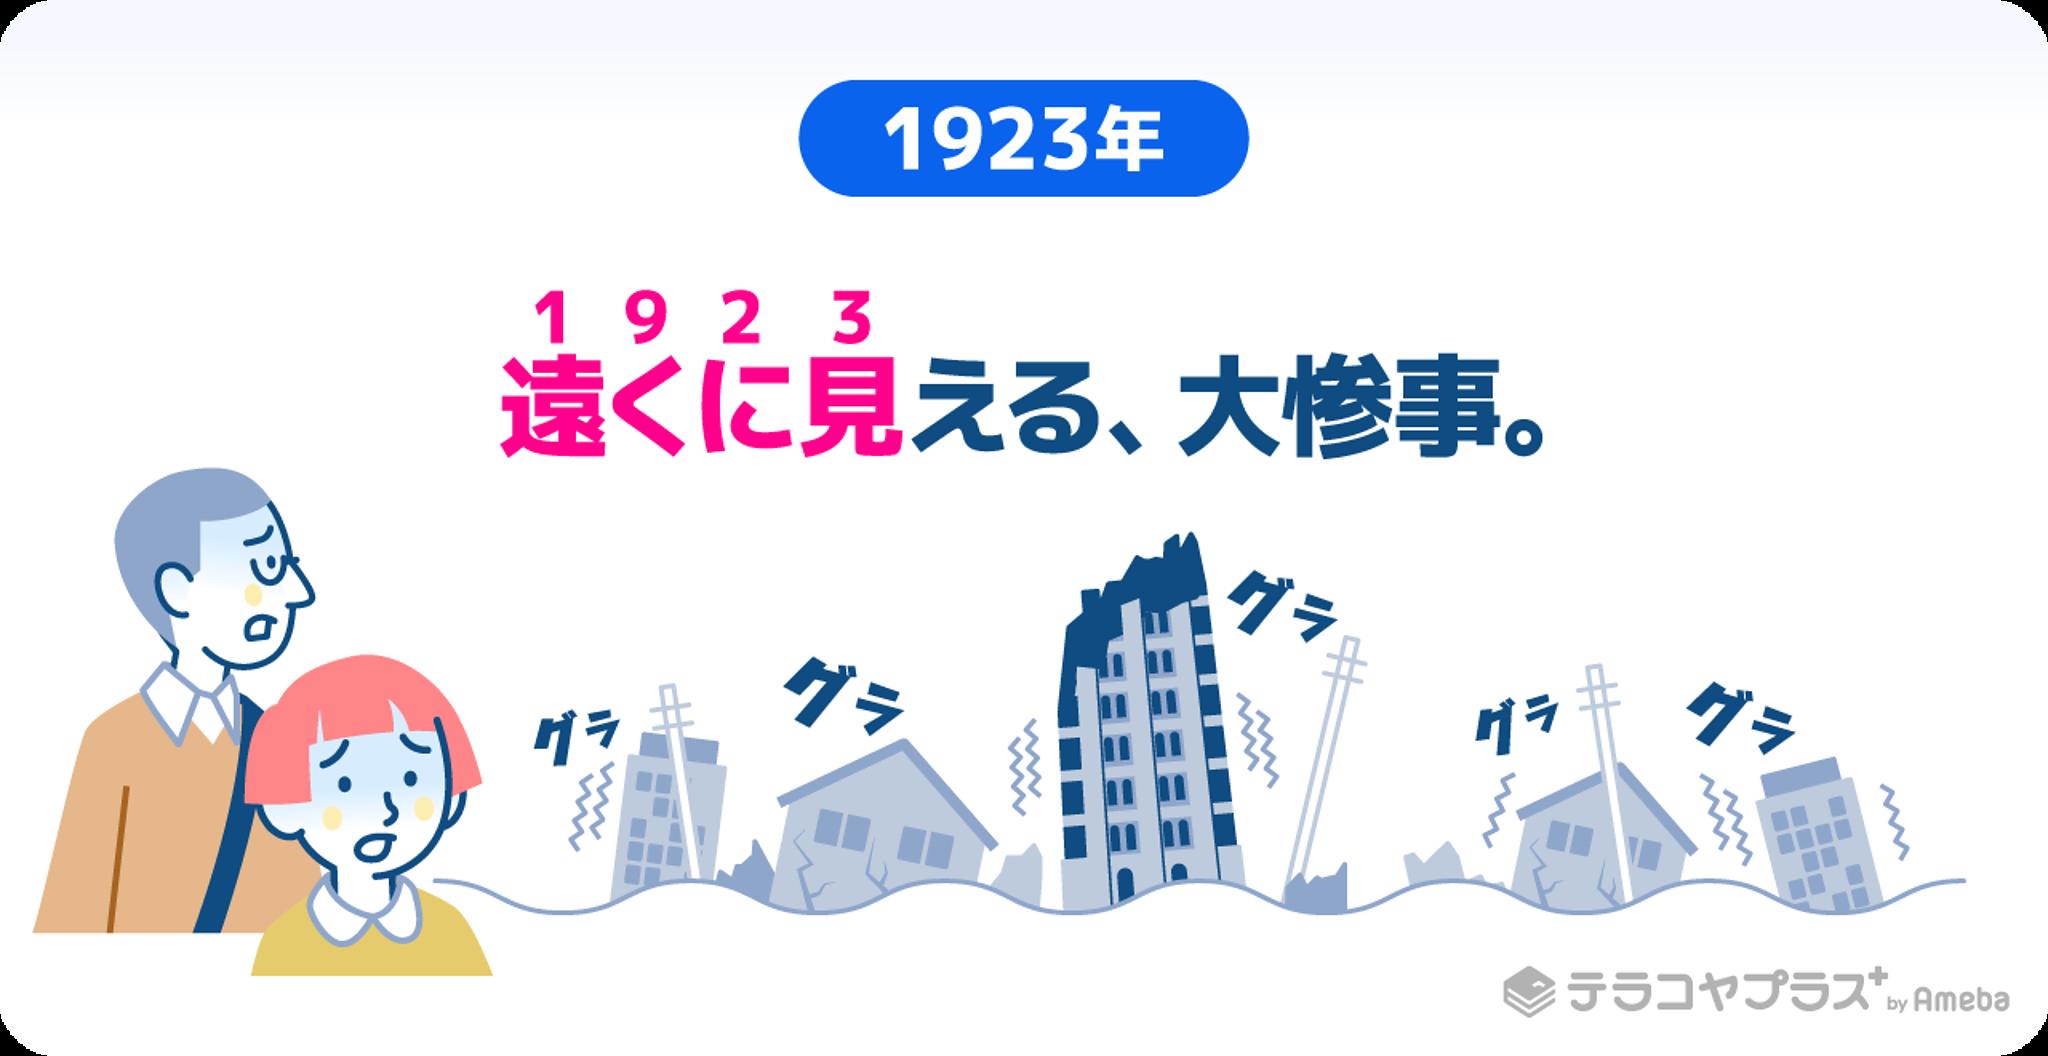 大地震が起きているイラスト画像